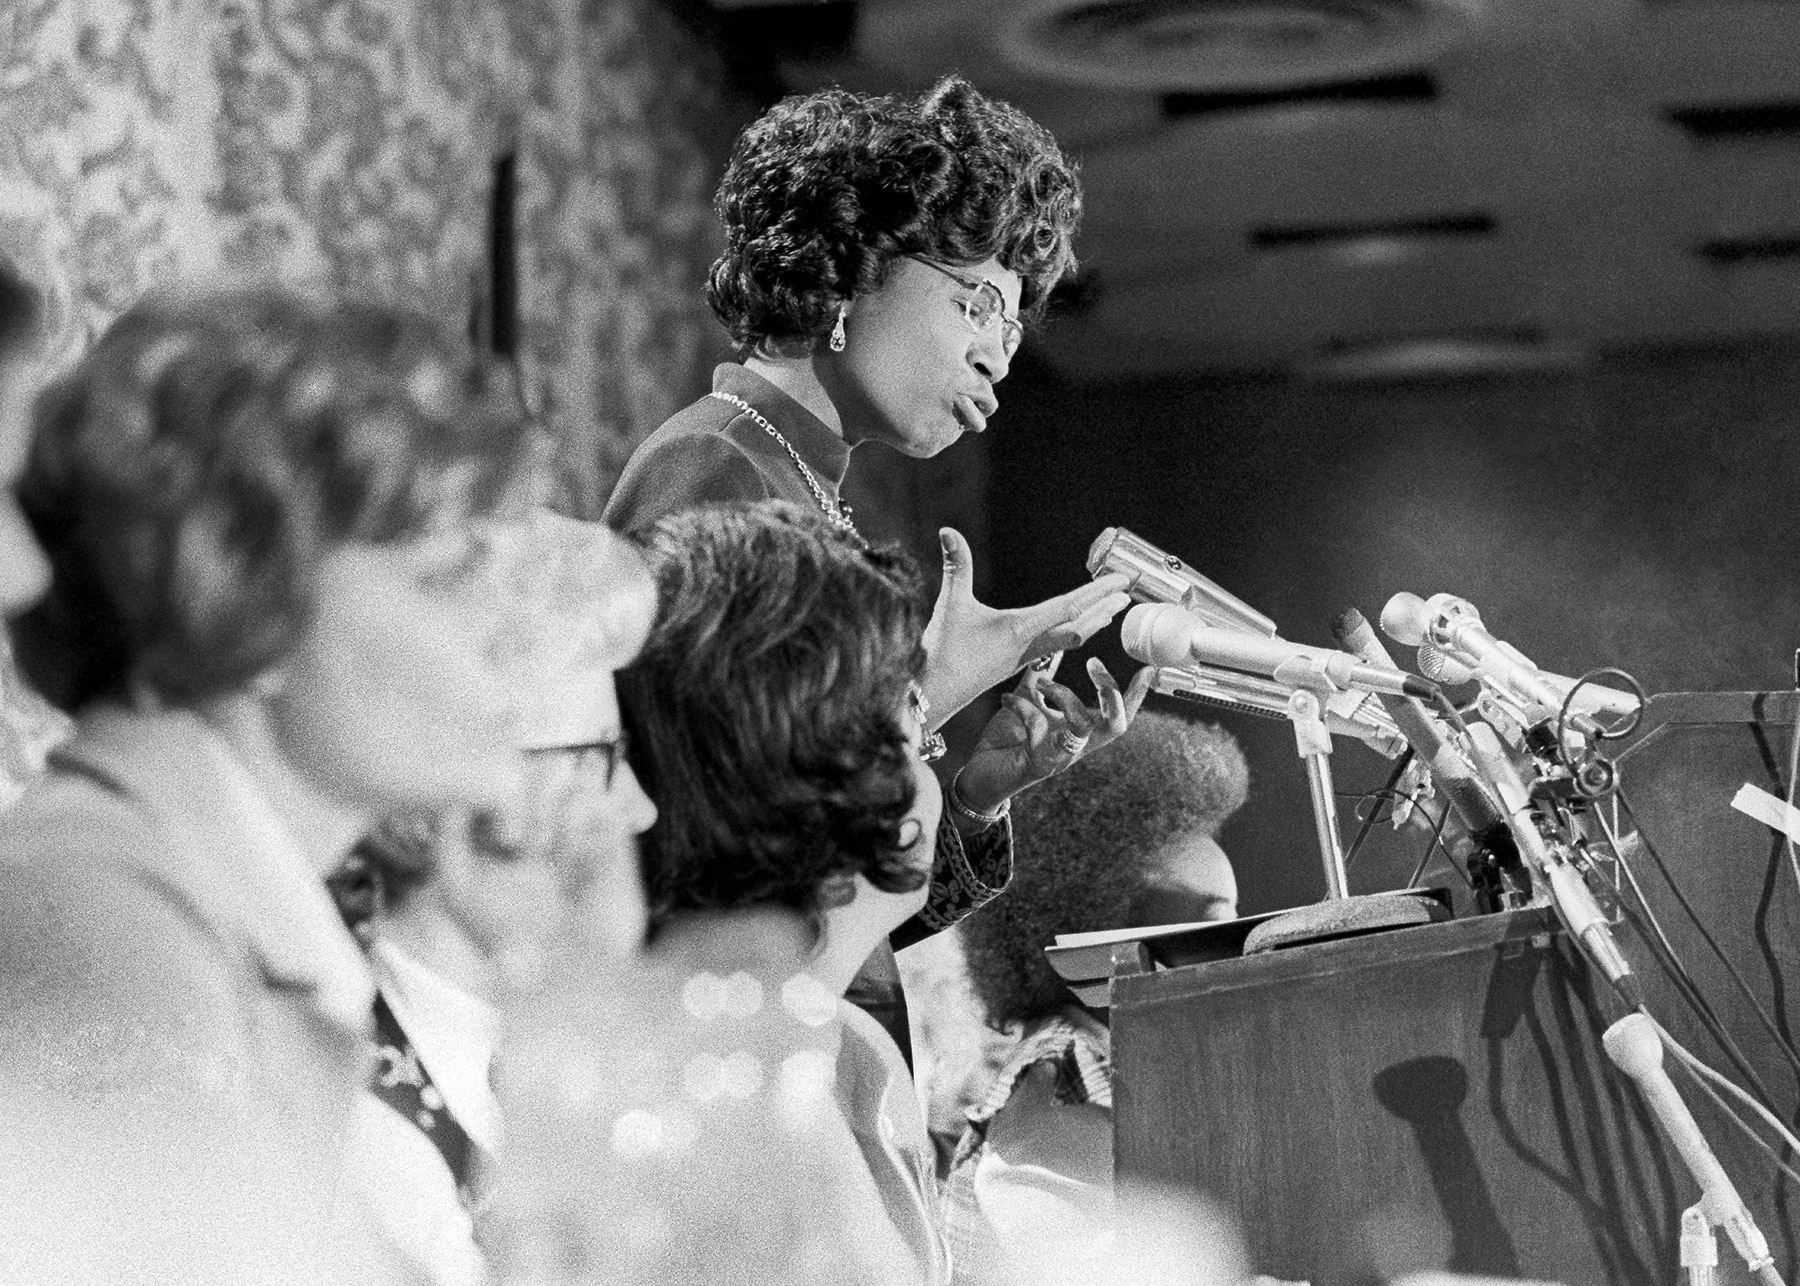 Shirley Chisholm fala na tribuna, com outras mulheres sentadas ao seu lado (© AP Images)